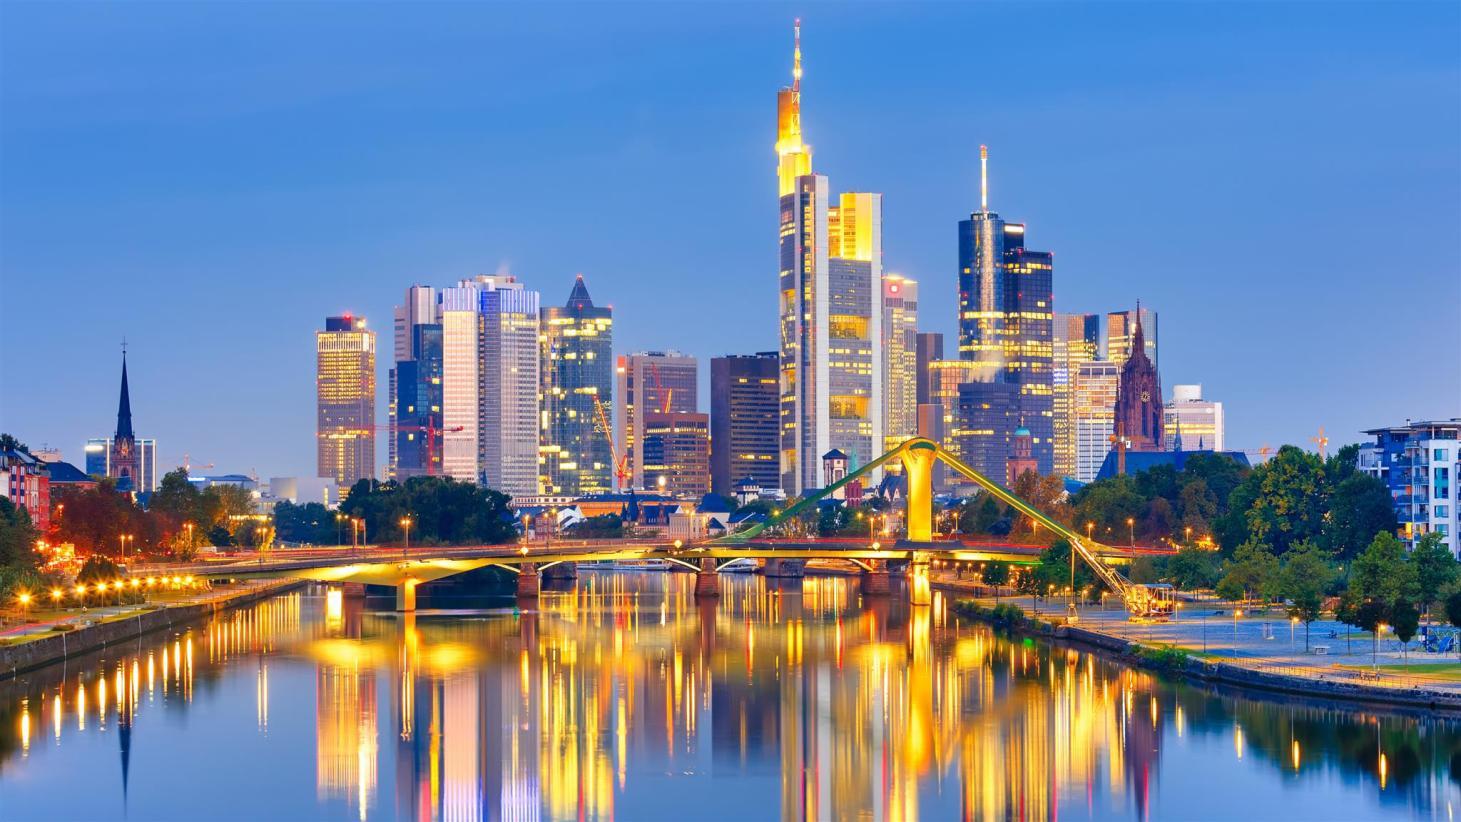 افضل 3 من مطاعم فرانكفورت المانيا المجربة